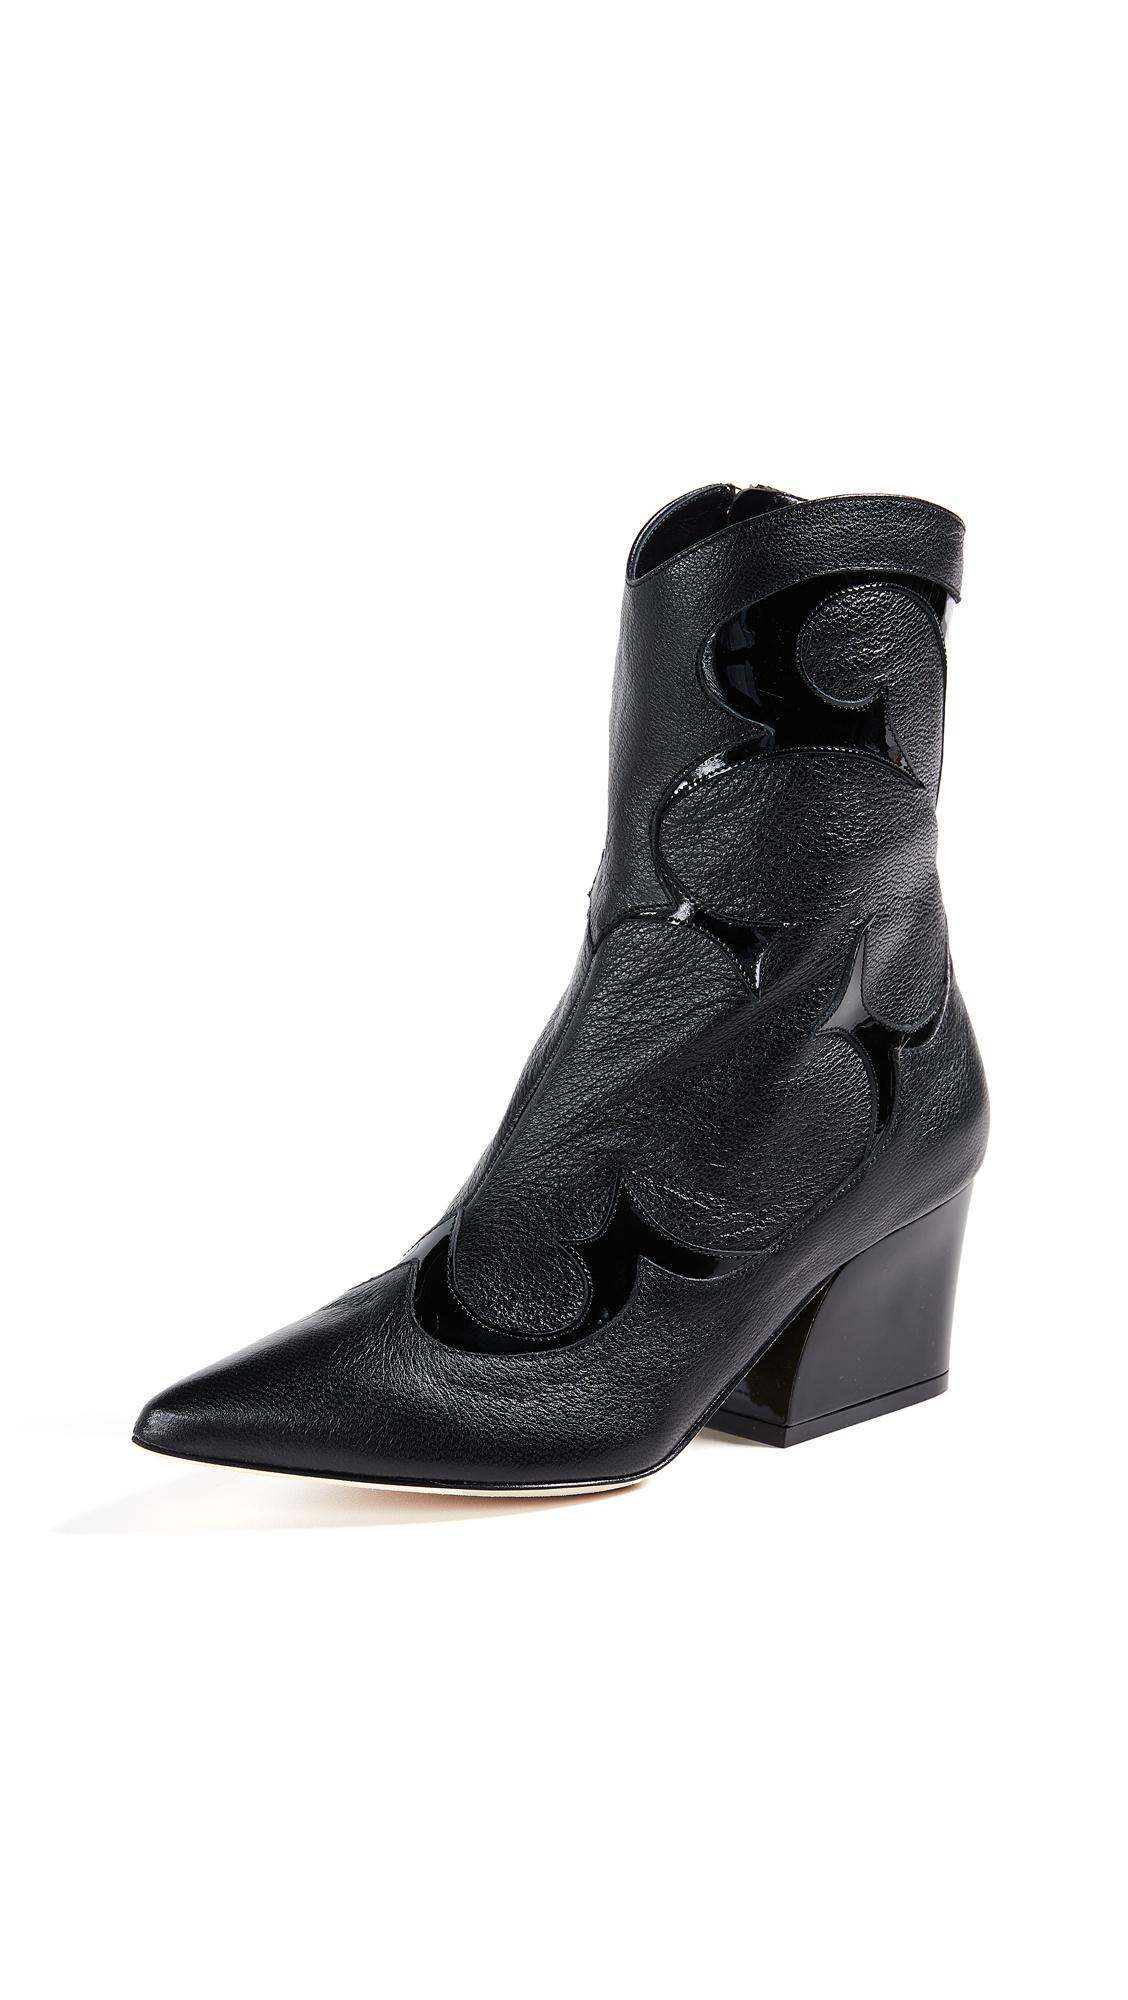 Tibi Felix Boots - Black